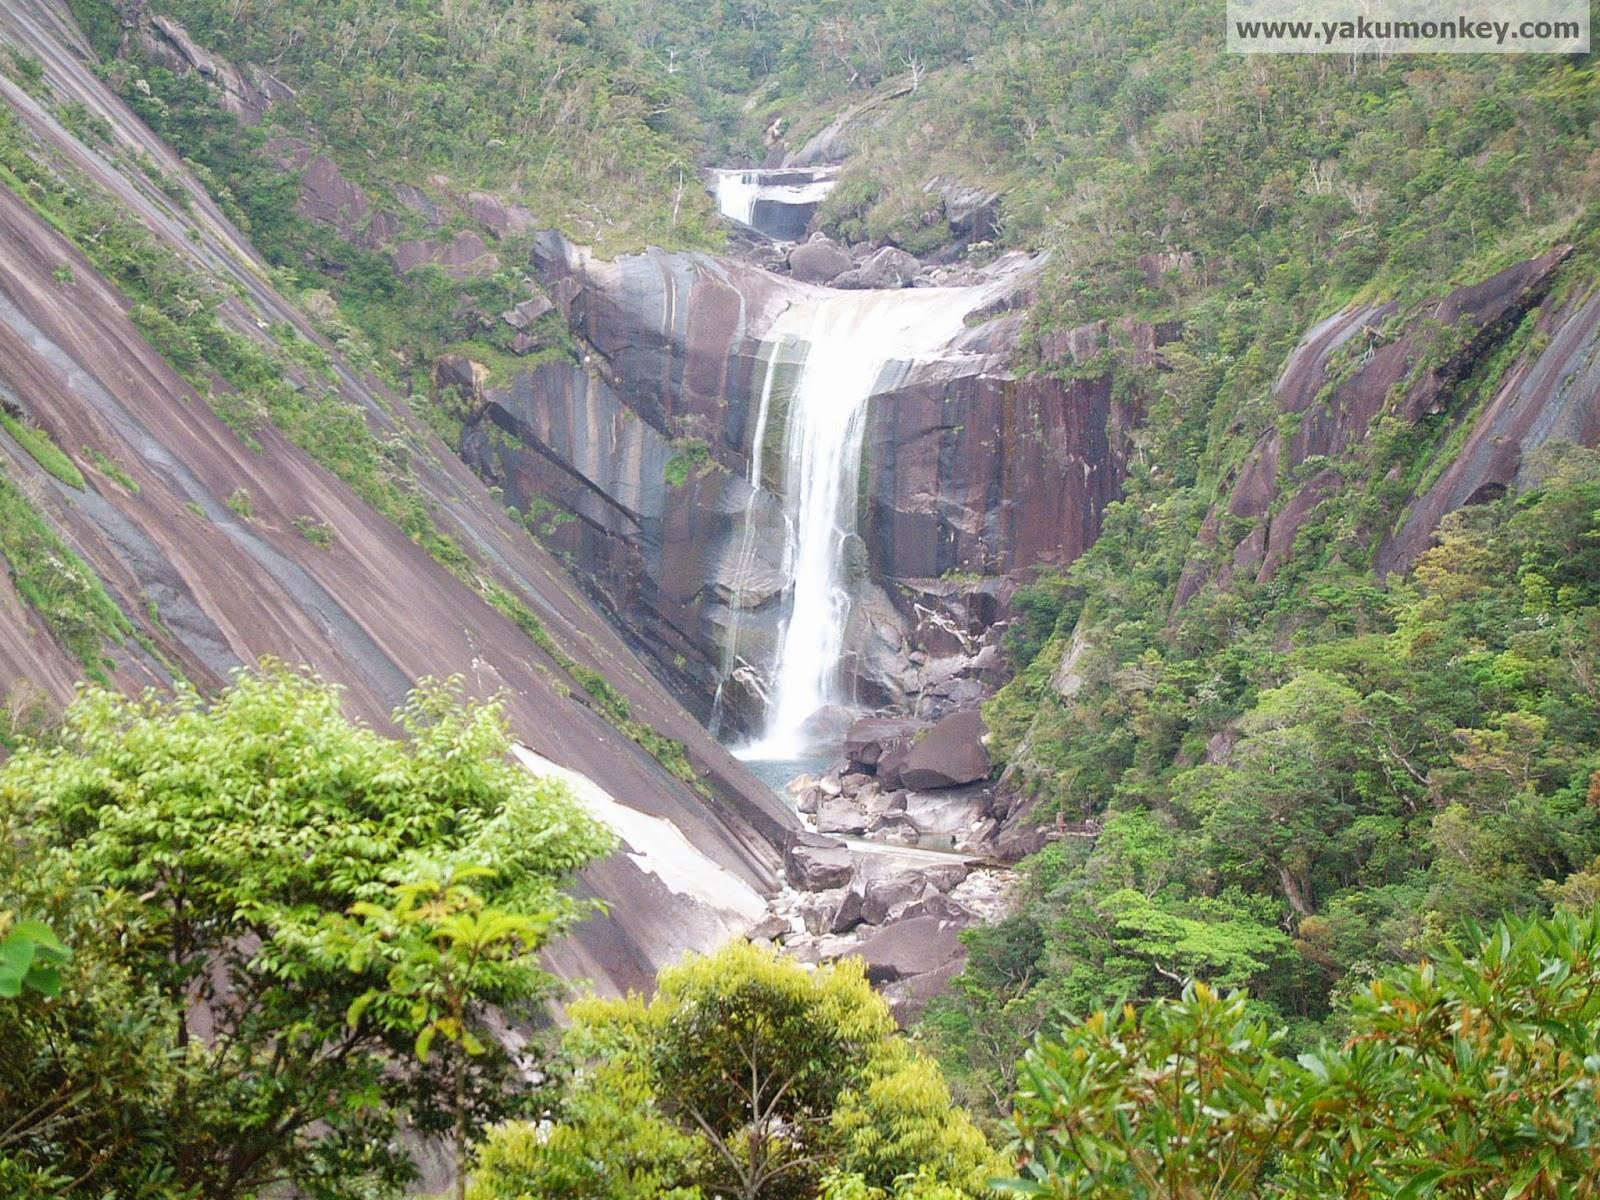 Senpiro-no-taki Waterfall, Yakushima